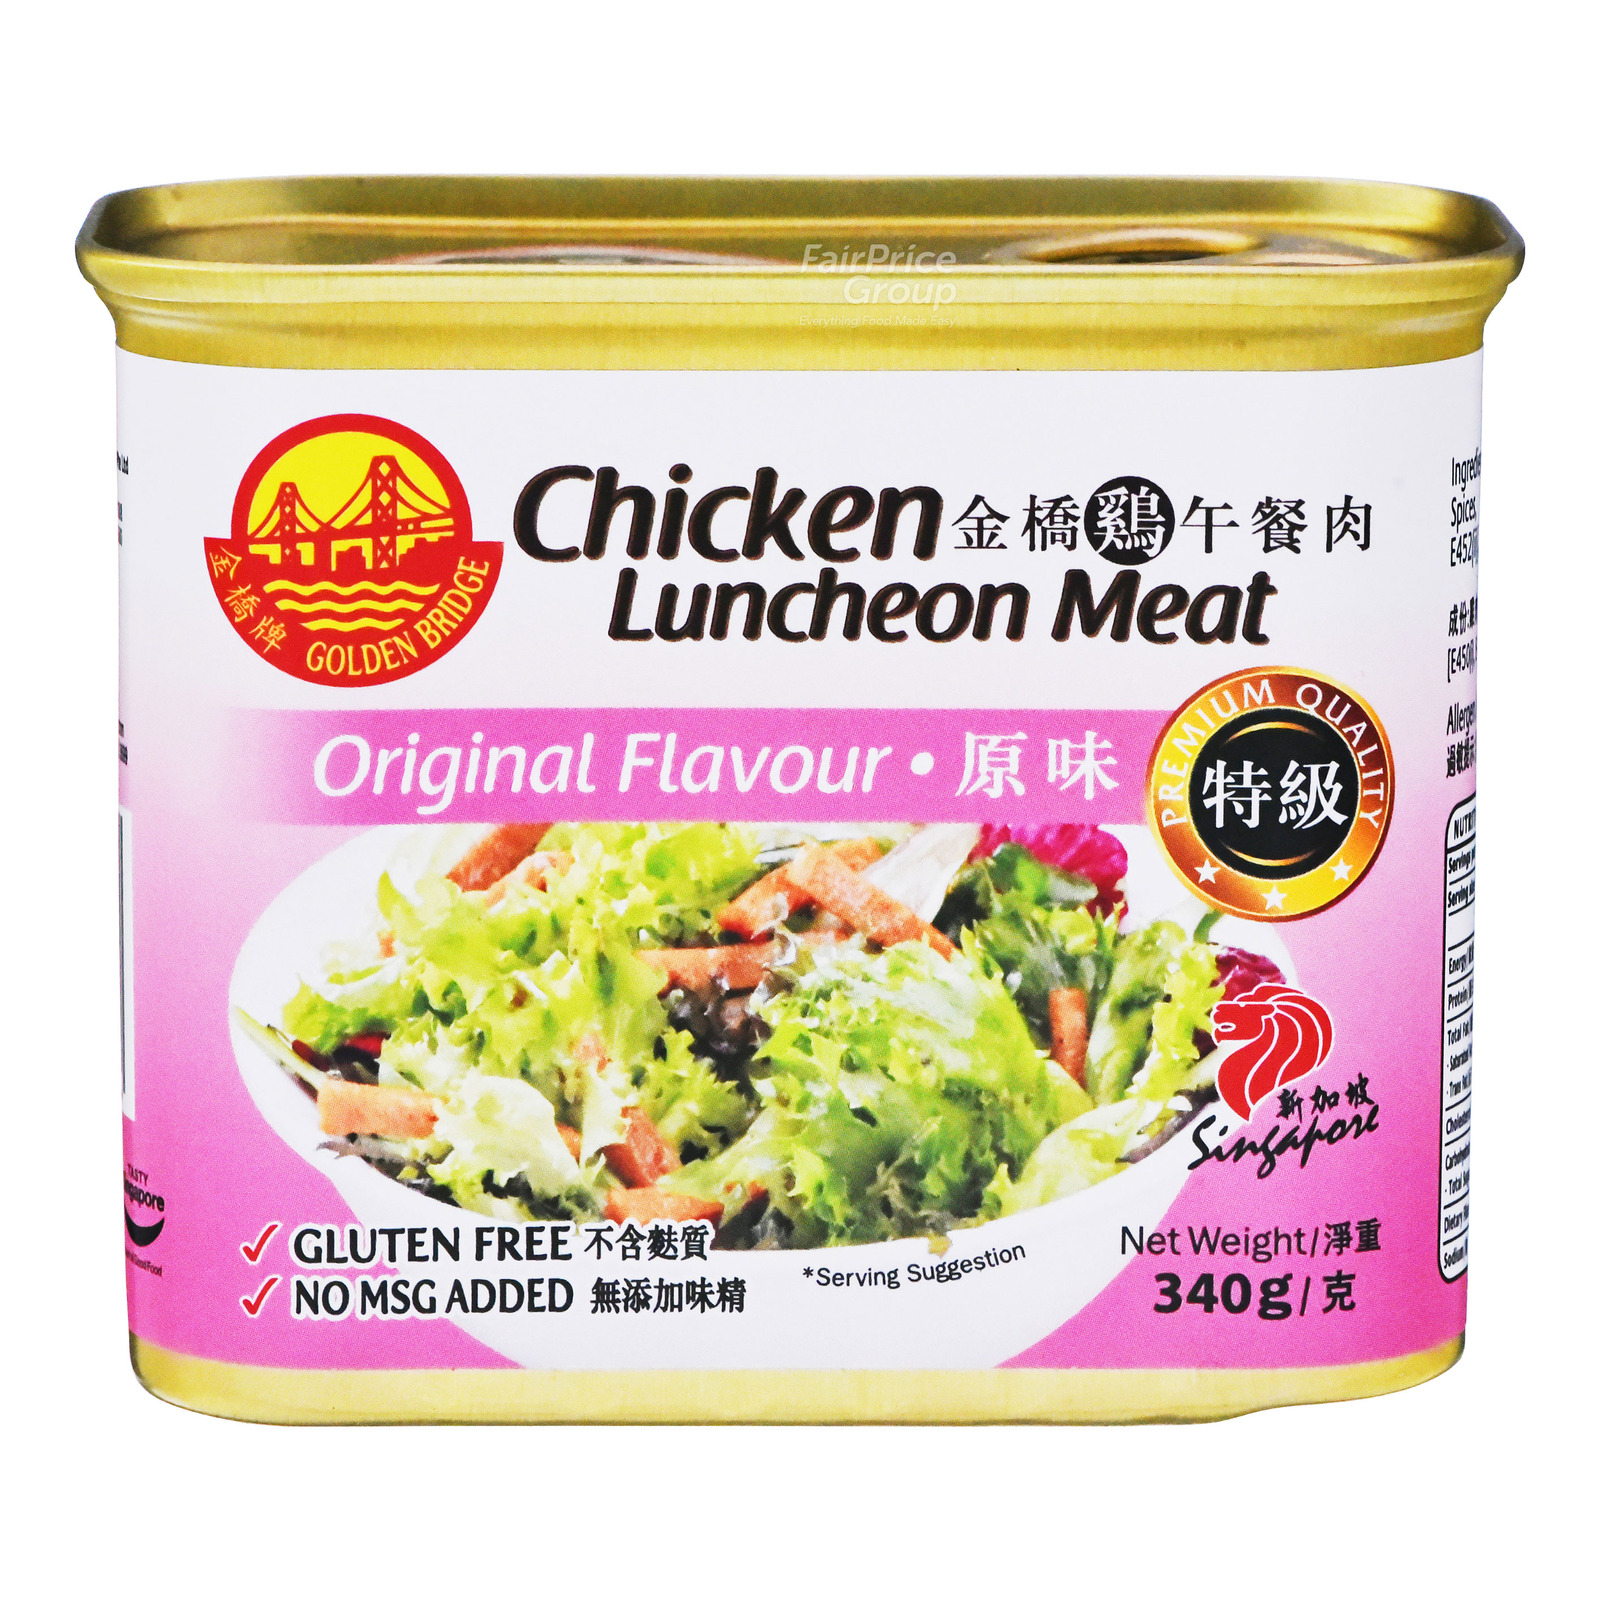 Golden Bridge Chicken Luncheon Meat - Original